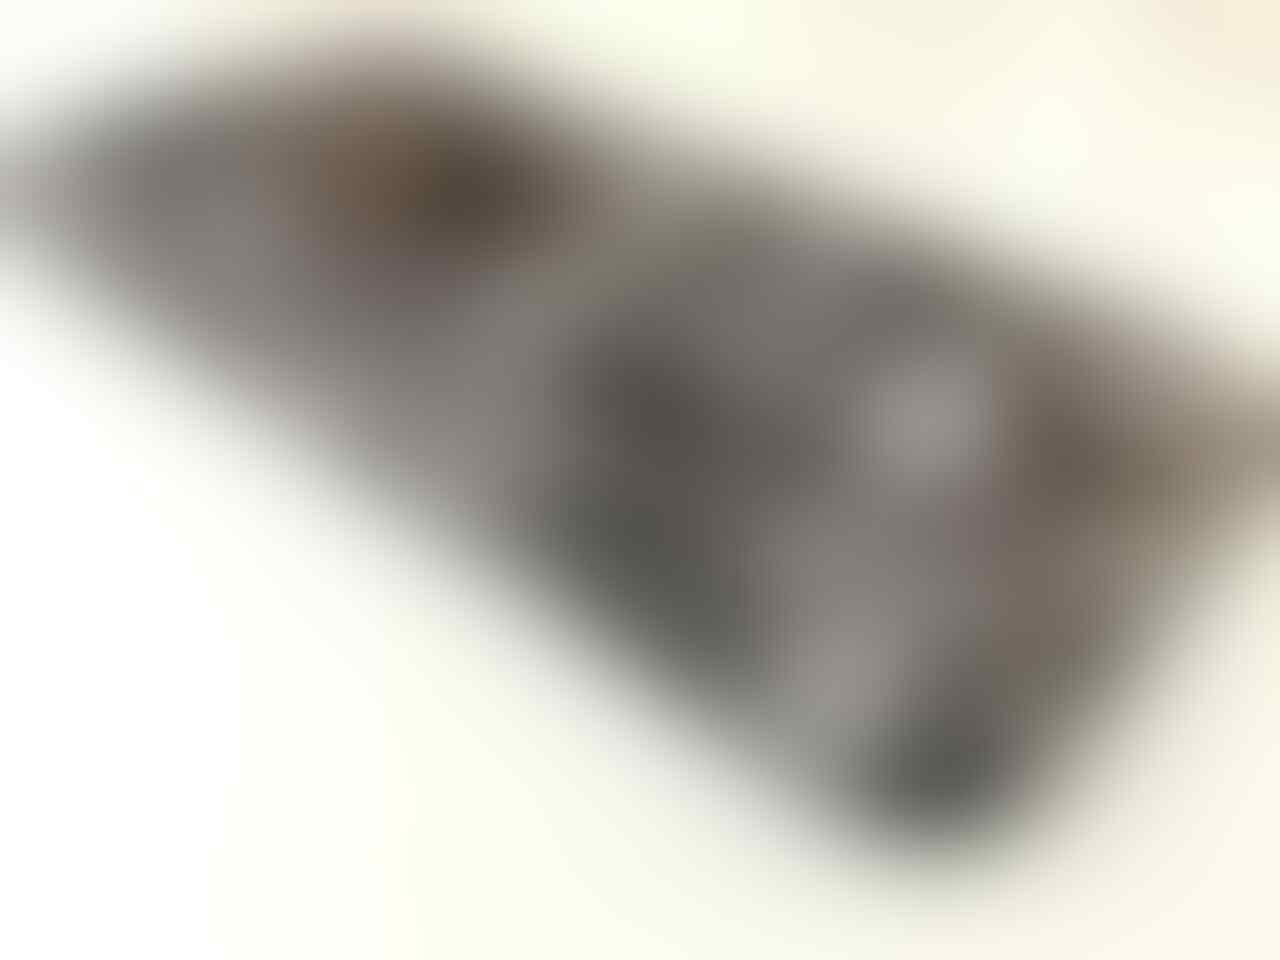 BAPE CASE ORIGINAL FOR IPHONE 7 PLUS / 8 PLUS MURAAAH 200 SAJA [MALANG]